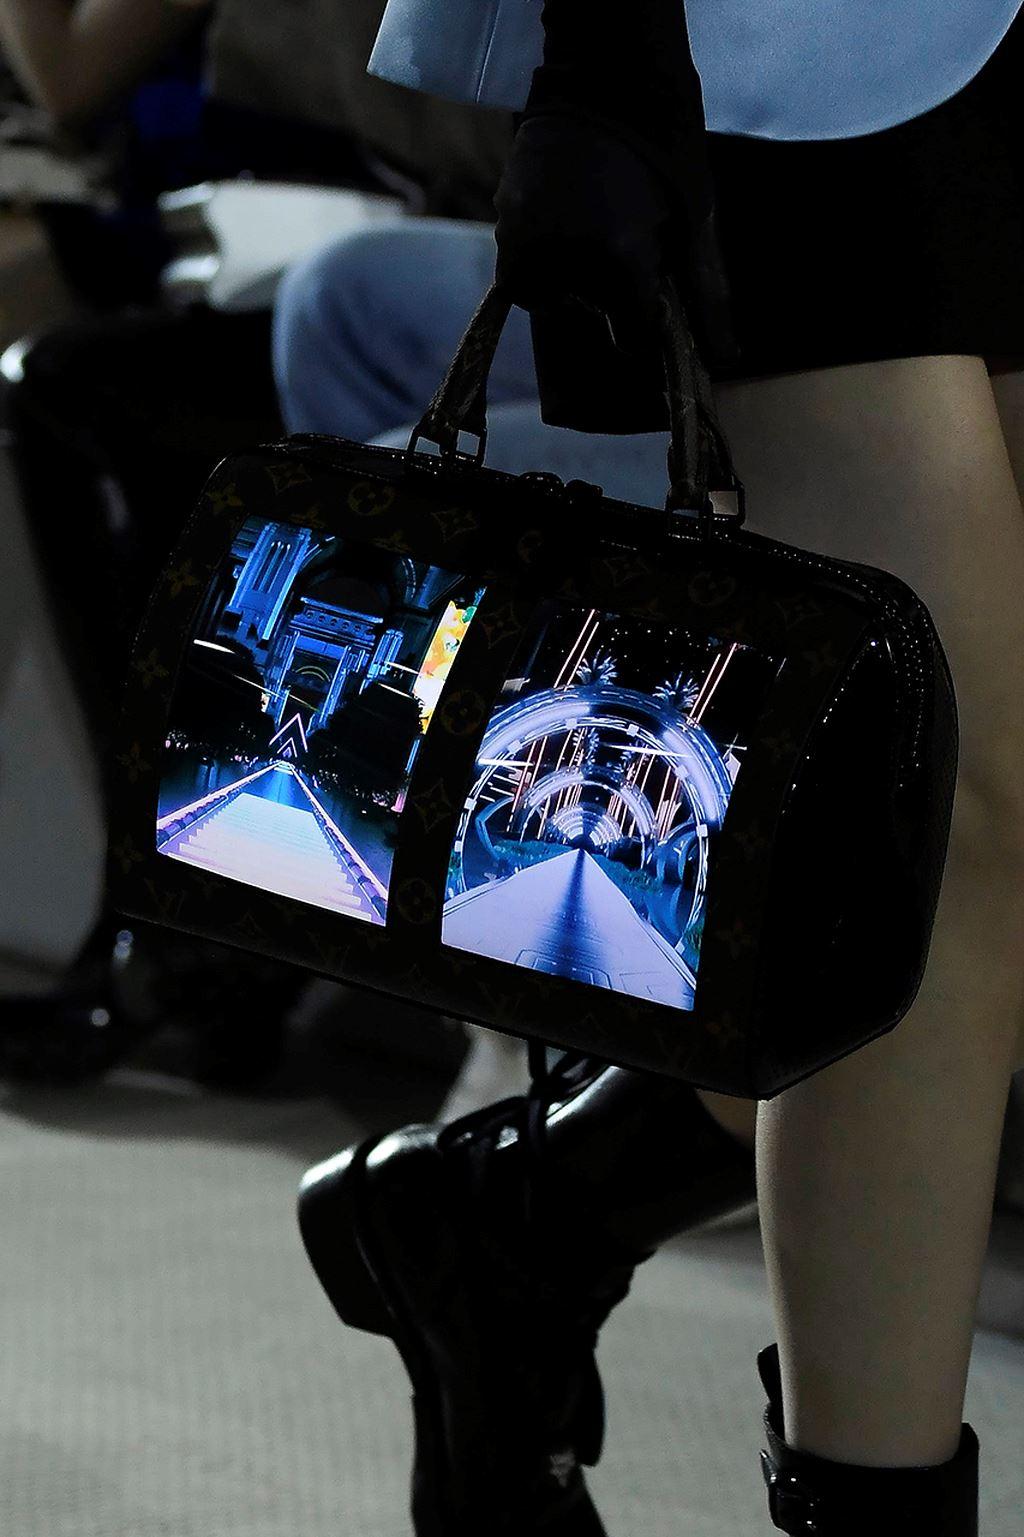 Louis Vuitton lại một lần nữa chứng tỏ mình là một trong những nhà mốt đi đầu cho việc kết hợp giữa thời trang và công nghệ